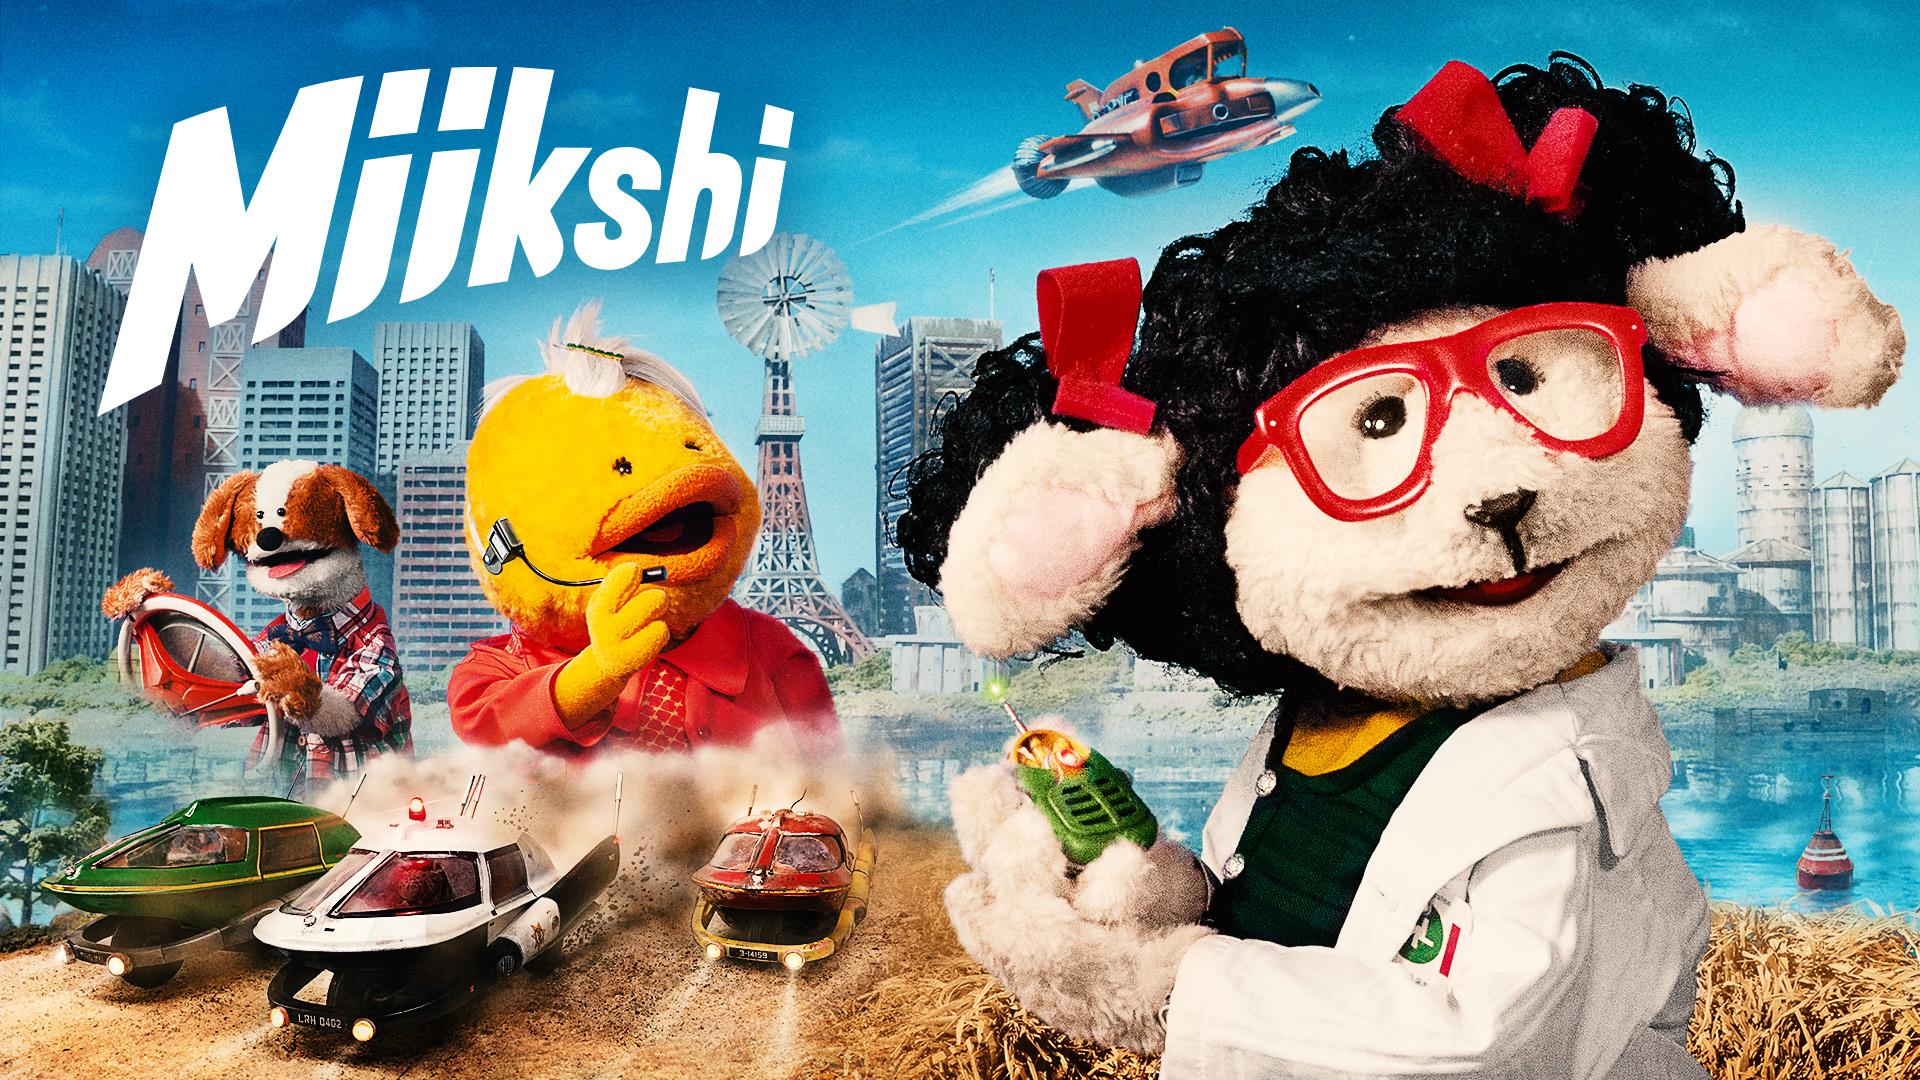 miikshi_tvokids_thumbnail_16x9.jpg